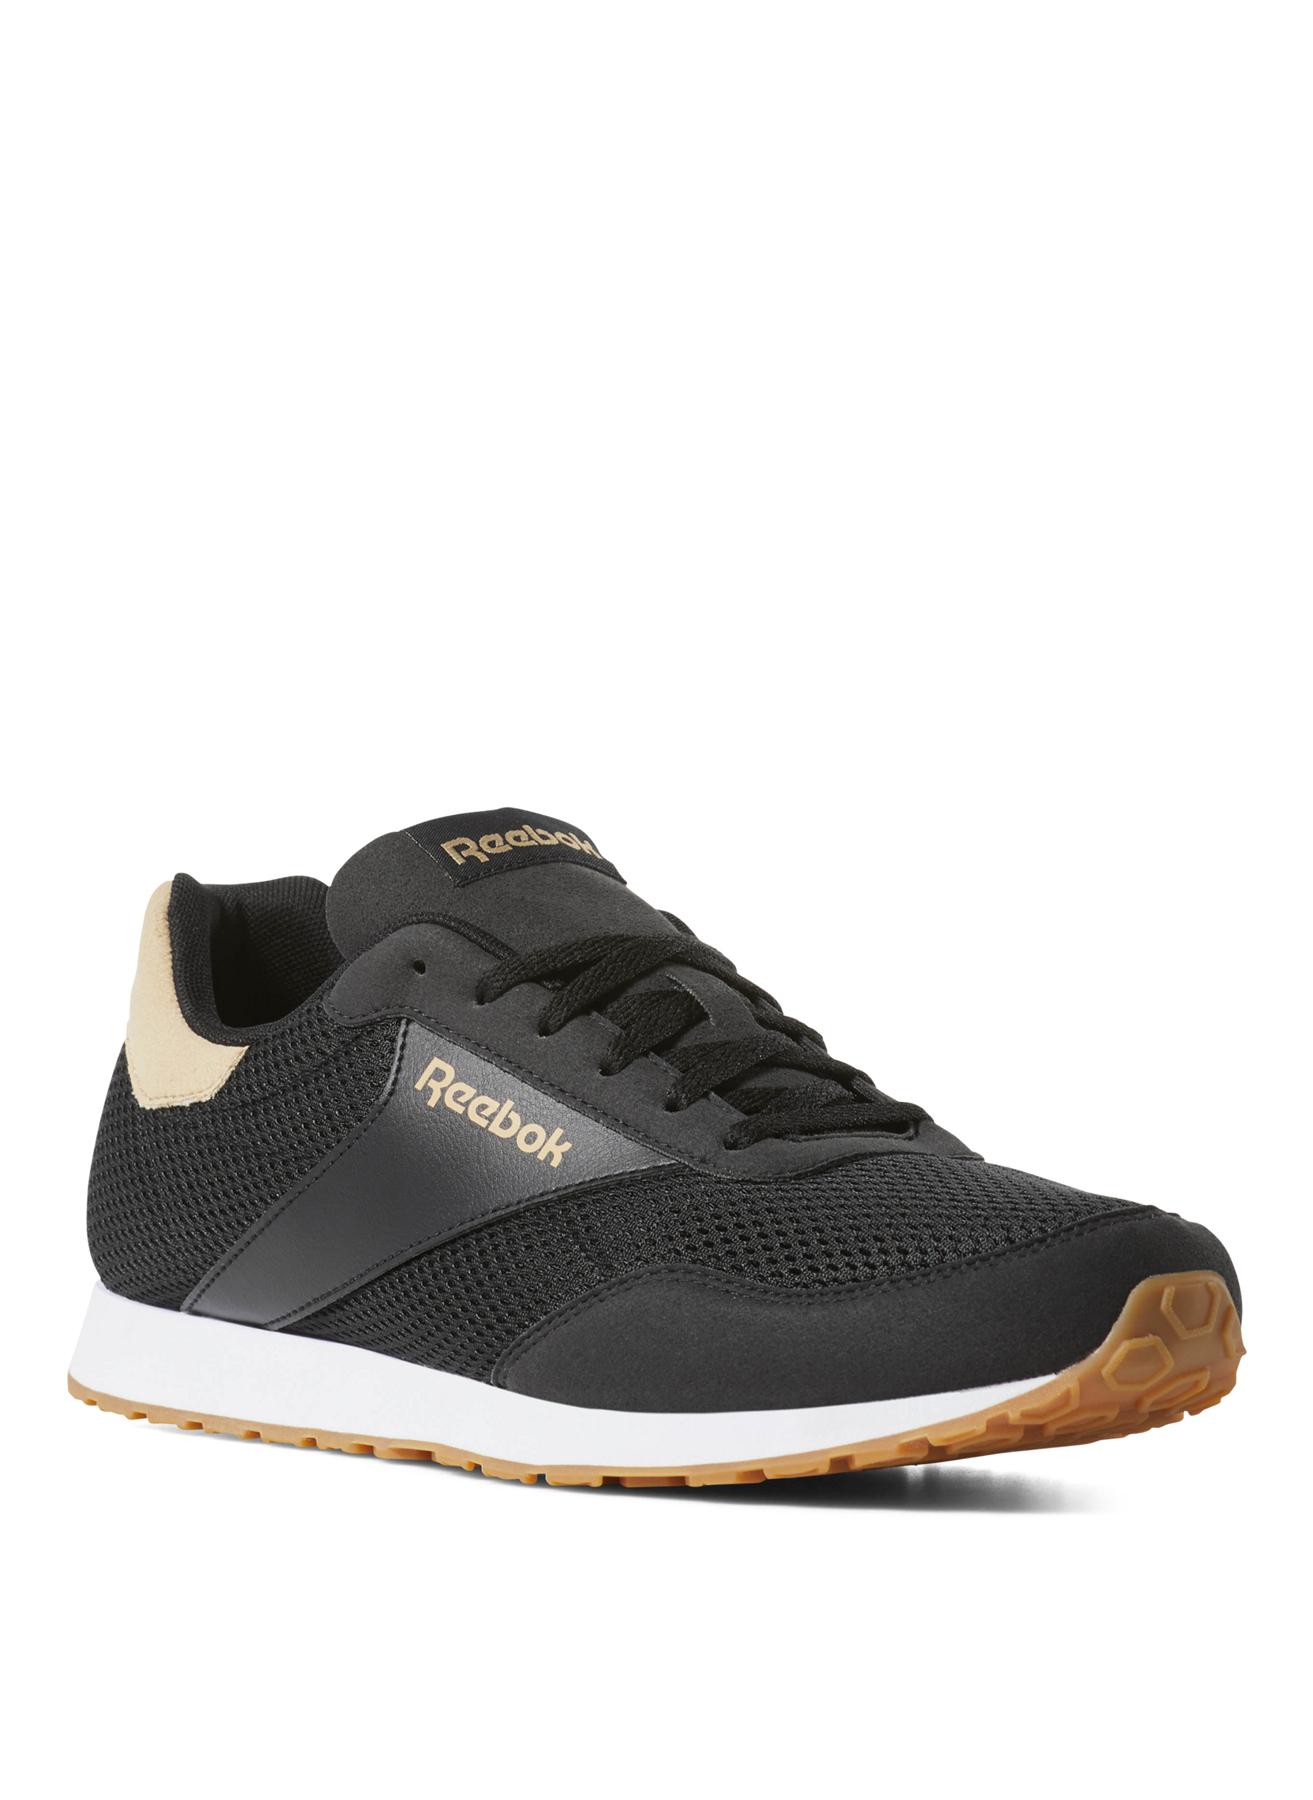 Reebok Lifestyle Ayakkabı 42 5002359689003 Ürün Resmi